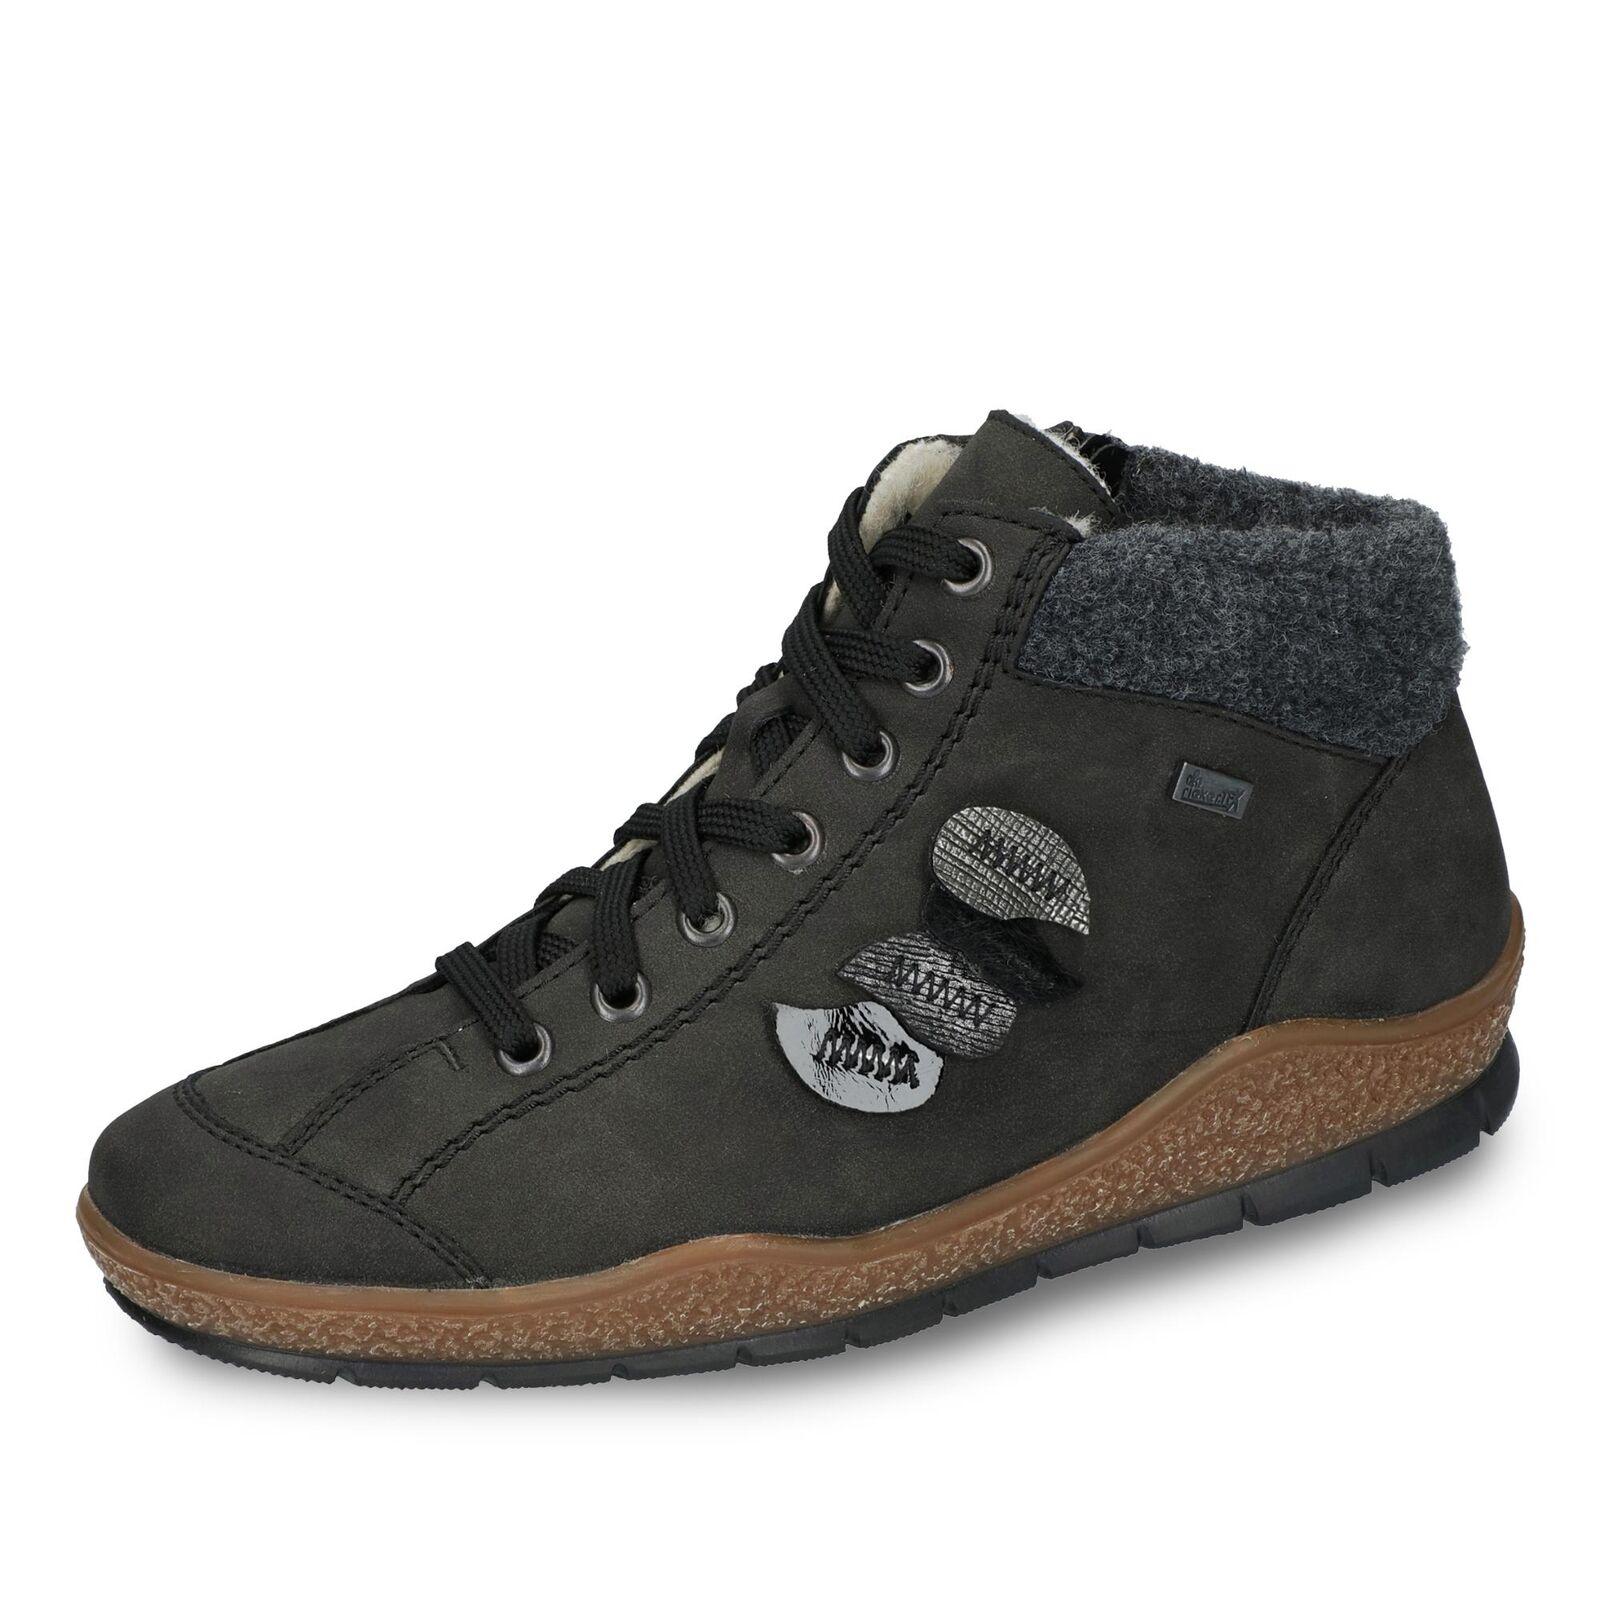 Rieker Damen TEX-Schnürschuh Halbschuhe Schnürschuhe Schuhe Lederimitat grau